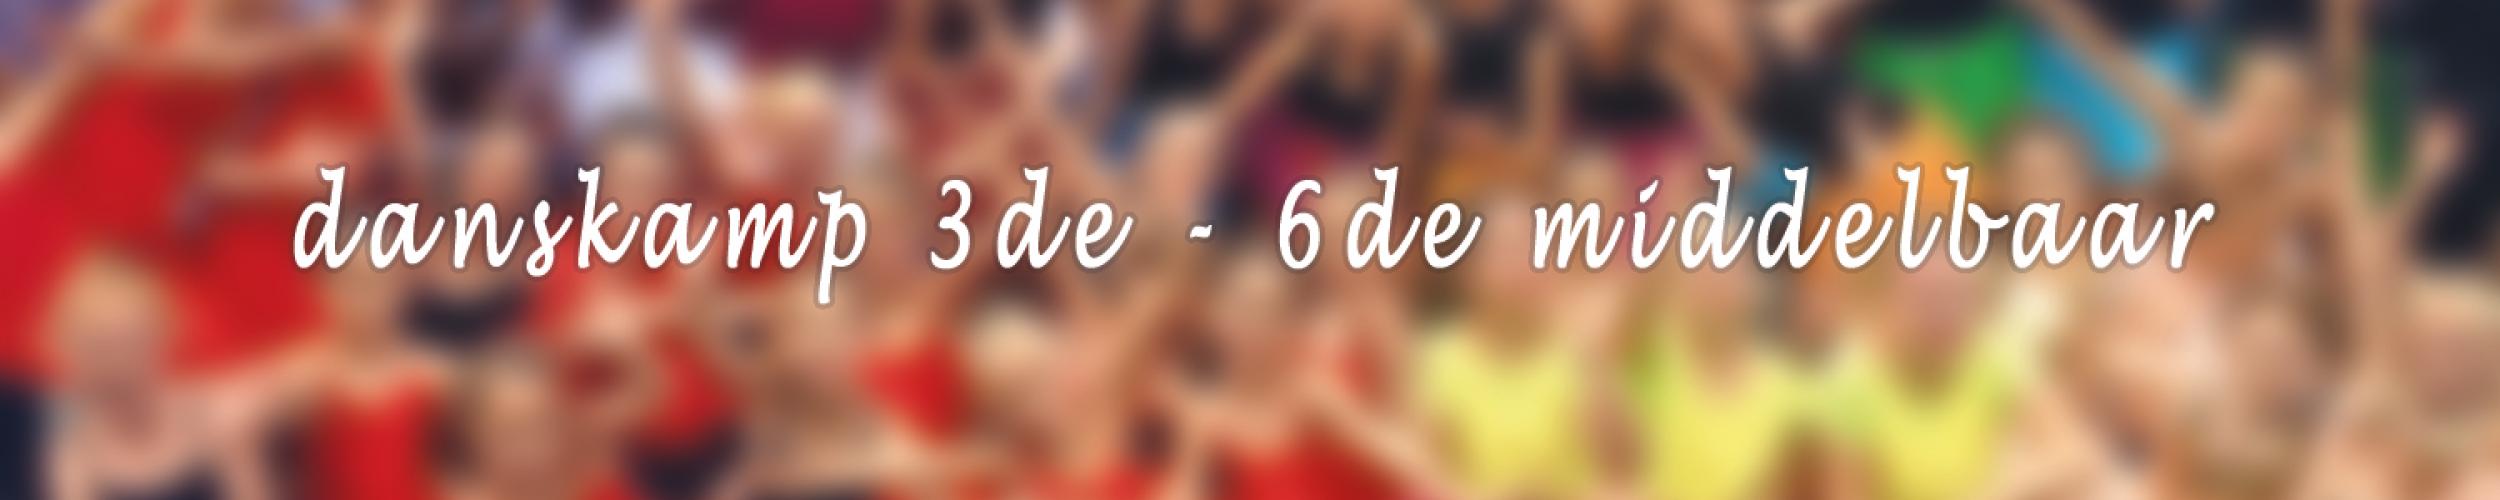 Danskamp 4 - 8 tot 12 juli voor 3de tot 6de middelbaar_Izegemse Dansacademie